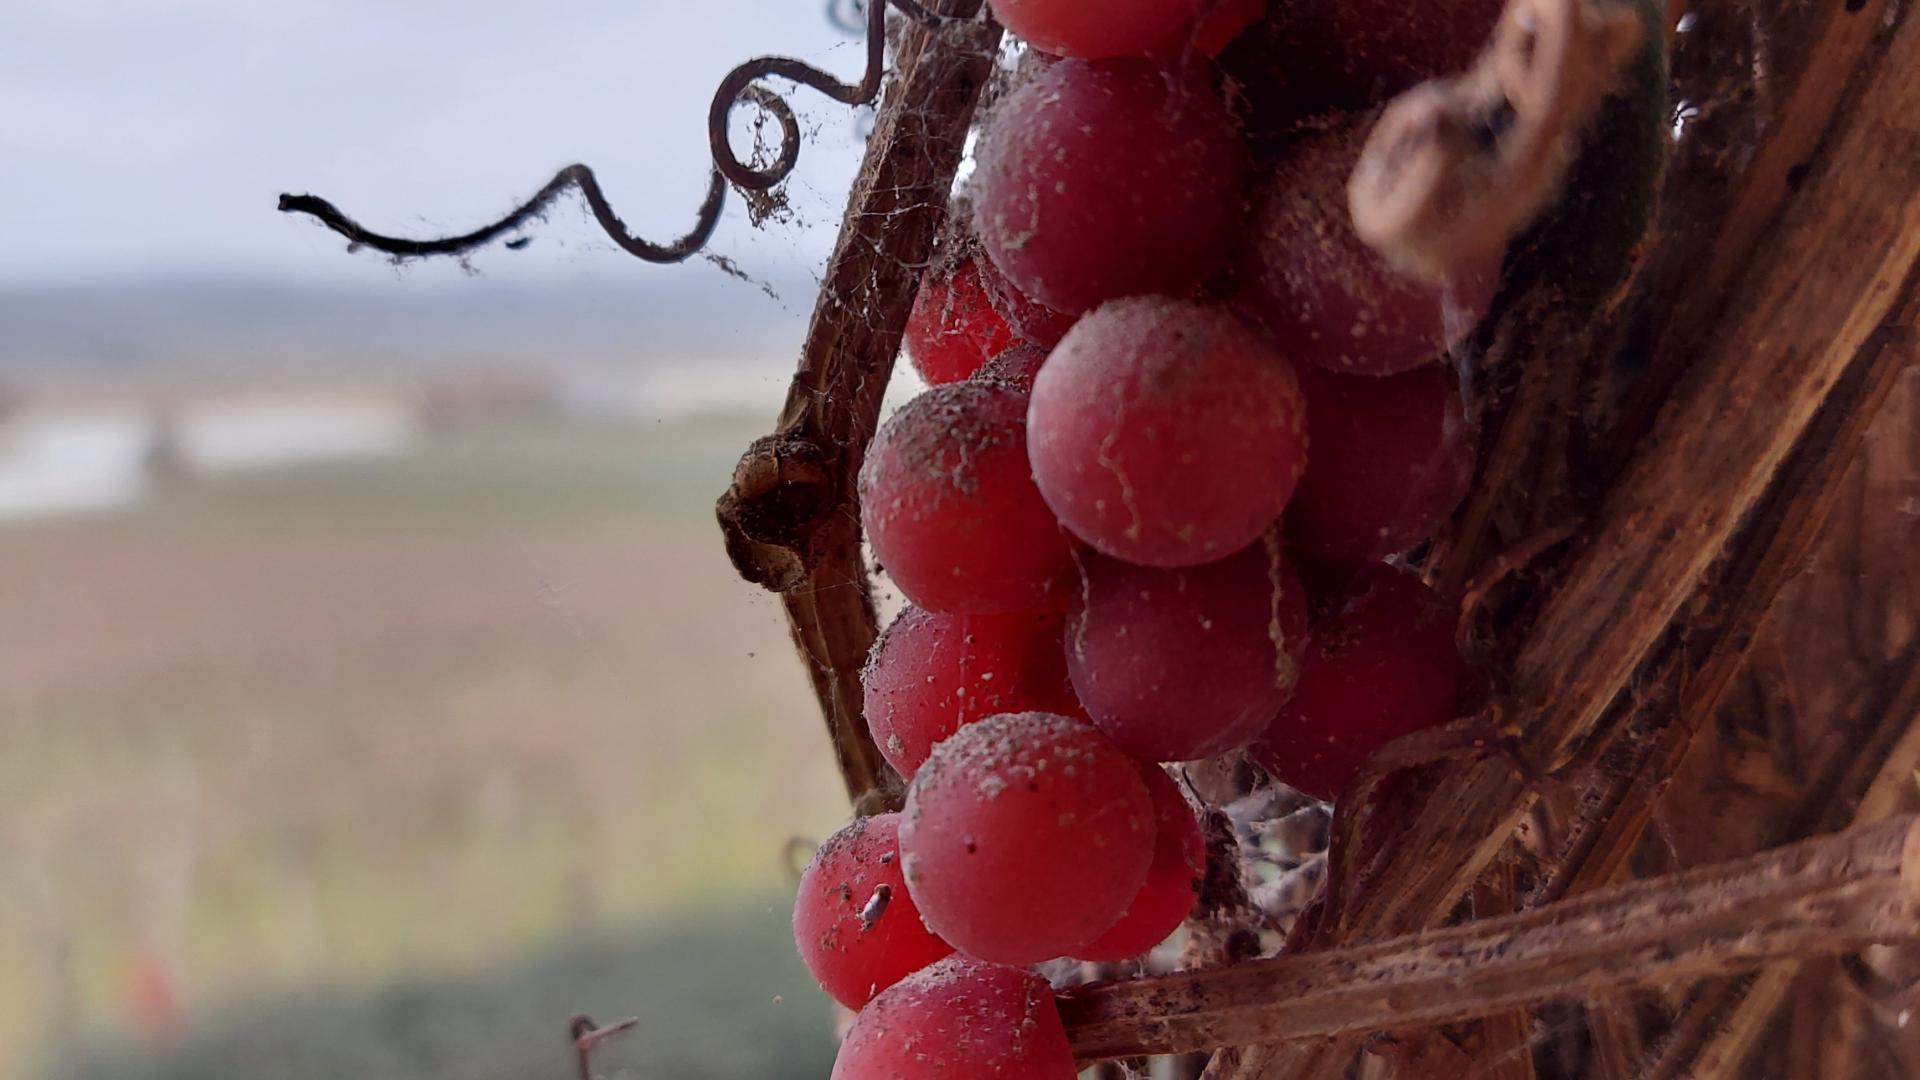 chateau-laffitte-teston-grappe-hiver-cso-ev.jpg